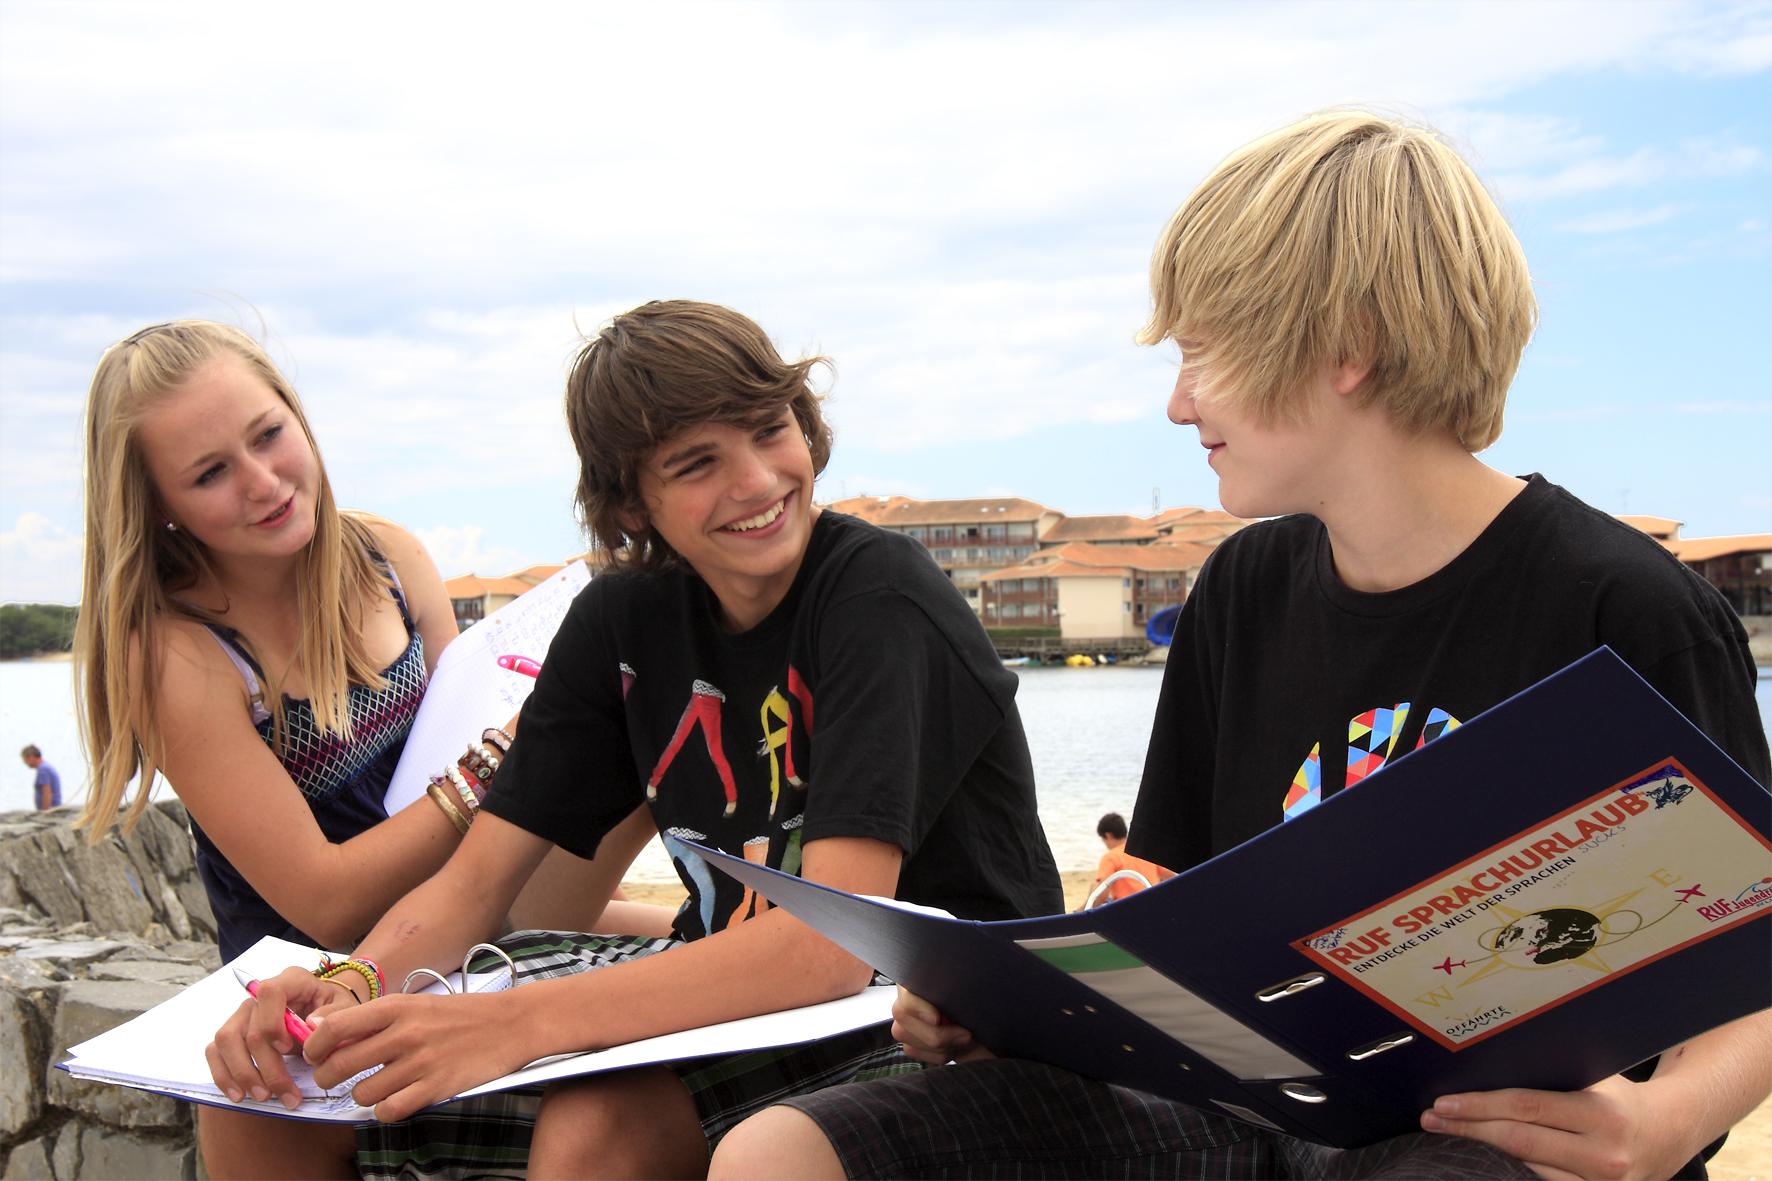 Bereits zehnjährige buchen inzwischen spezielle fremdsprachenangebote